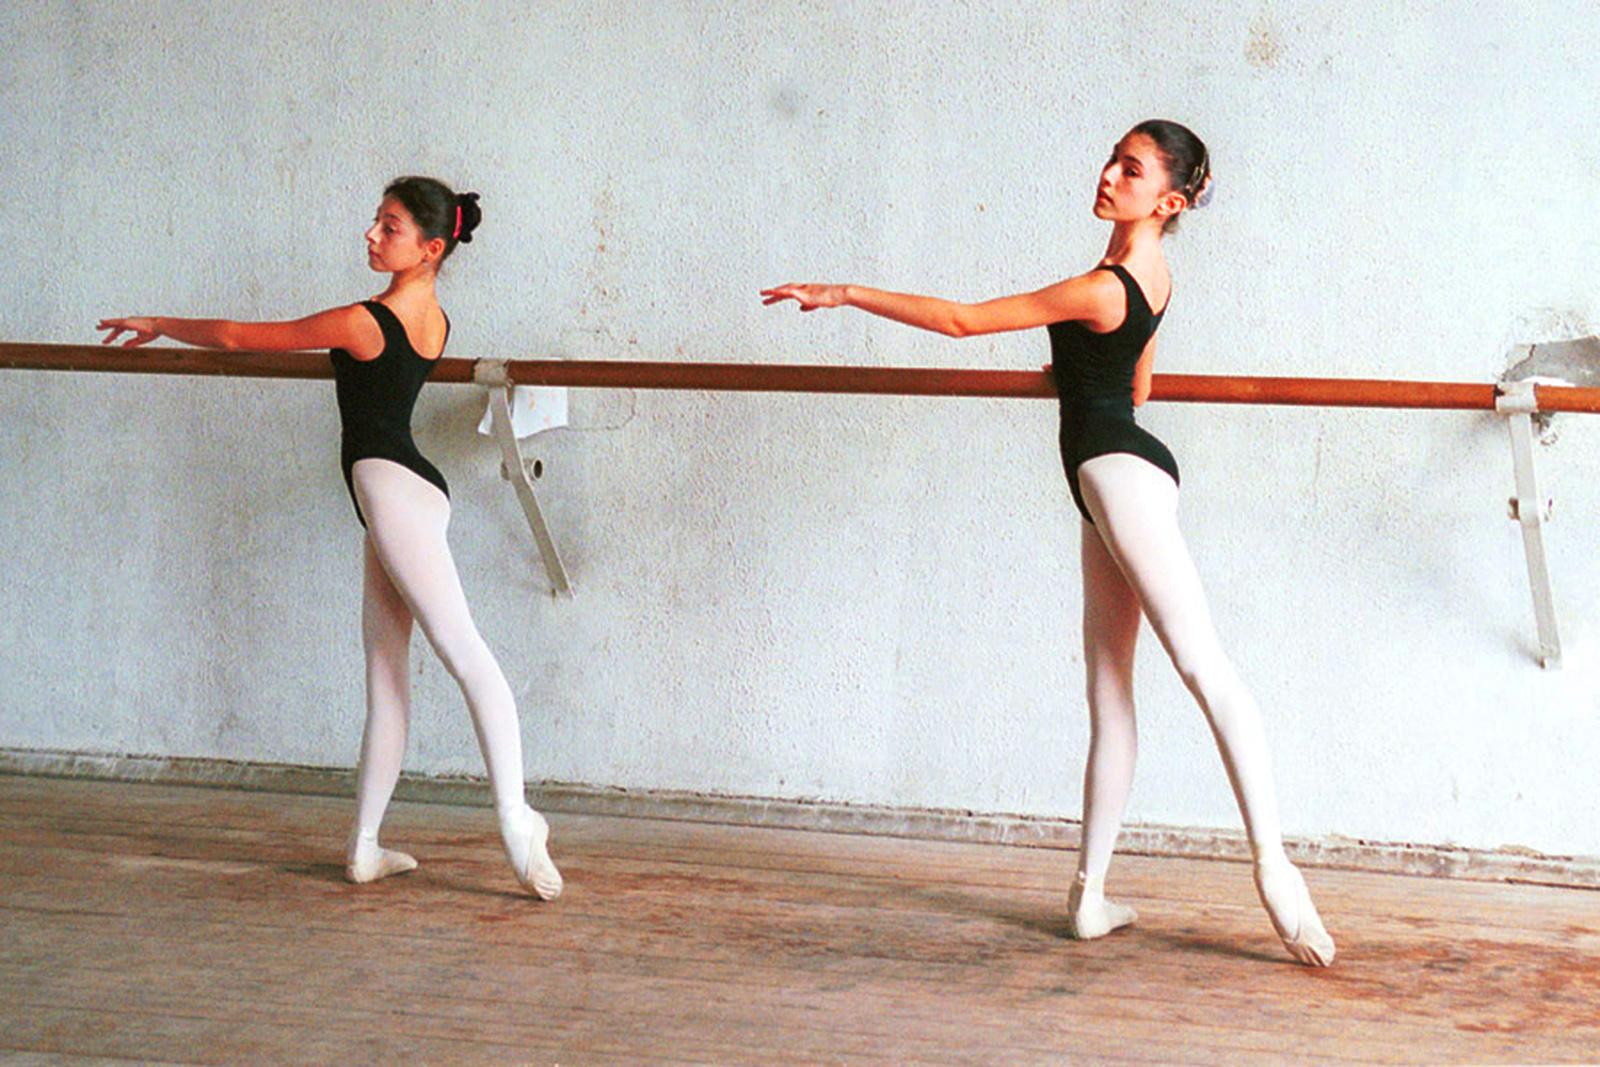 Institute of Choreography, Republic of Georgia